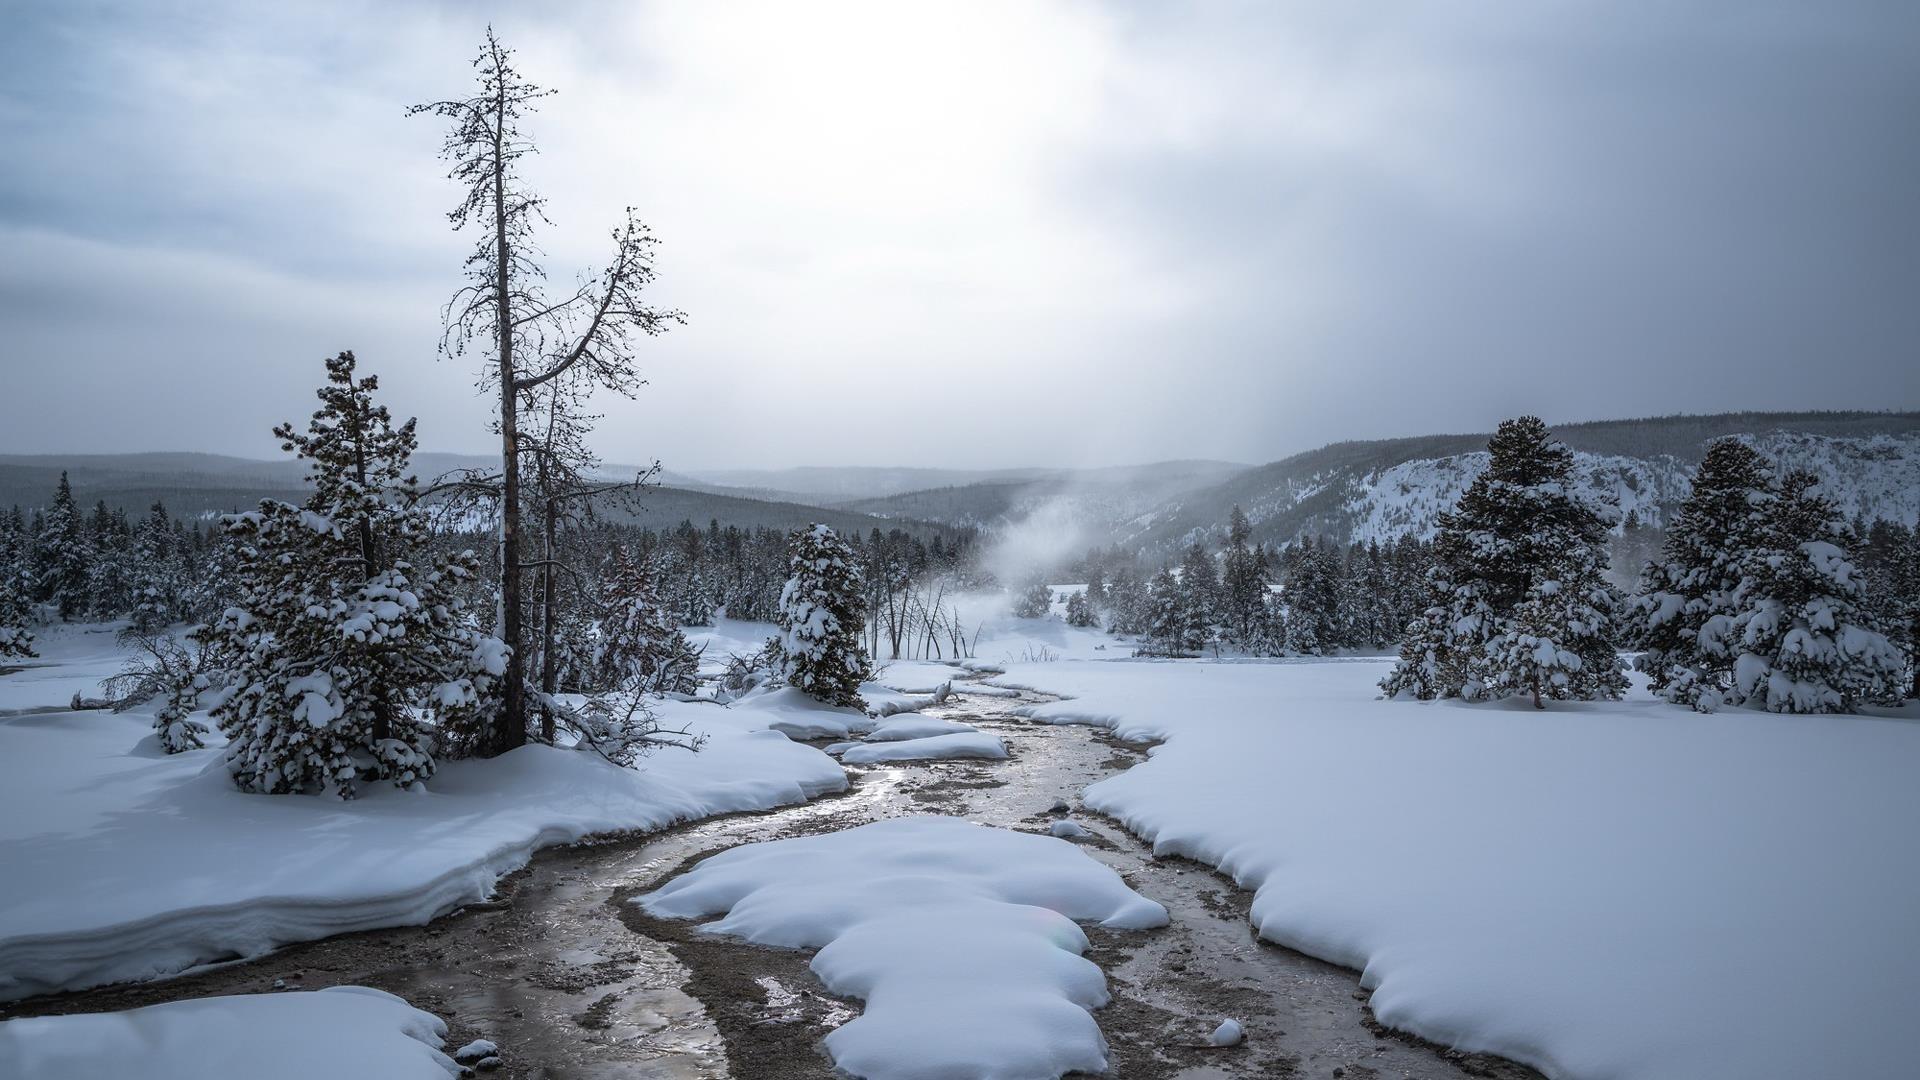 Заснеженное поле с деревьями под белым небом зима обои скачать